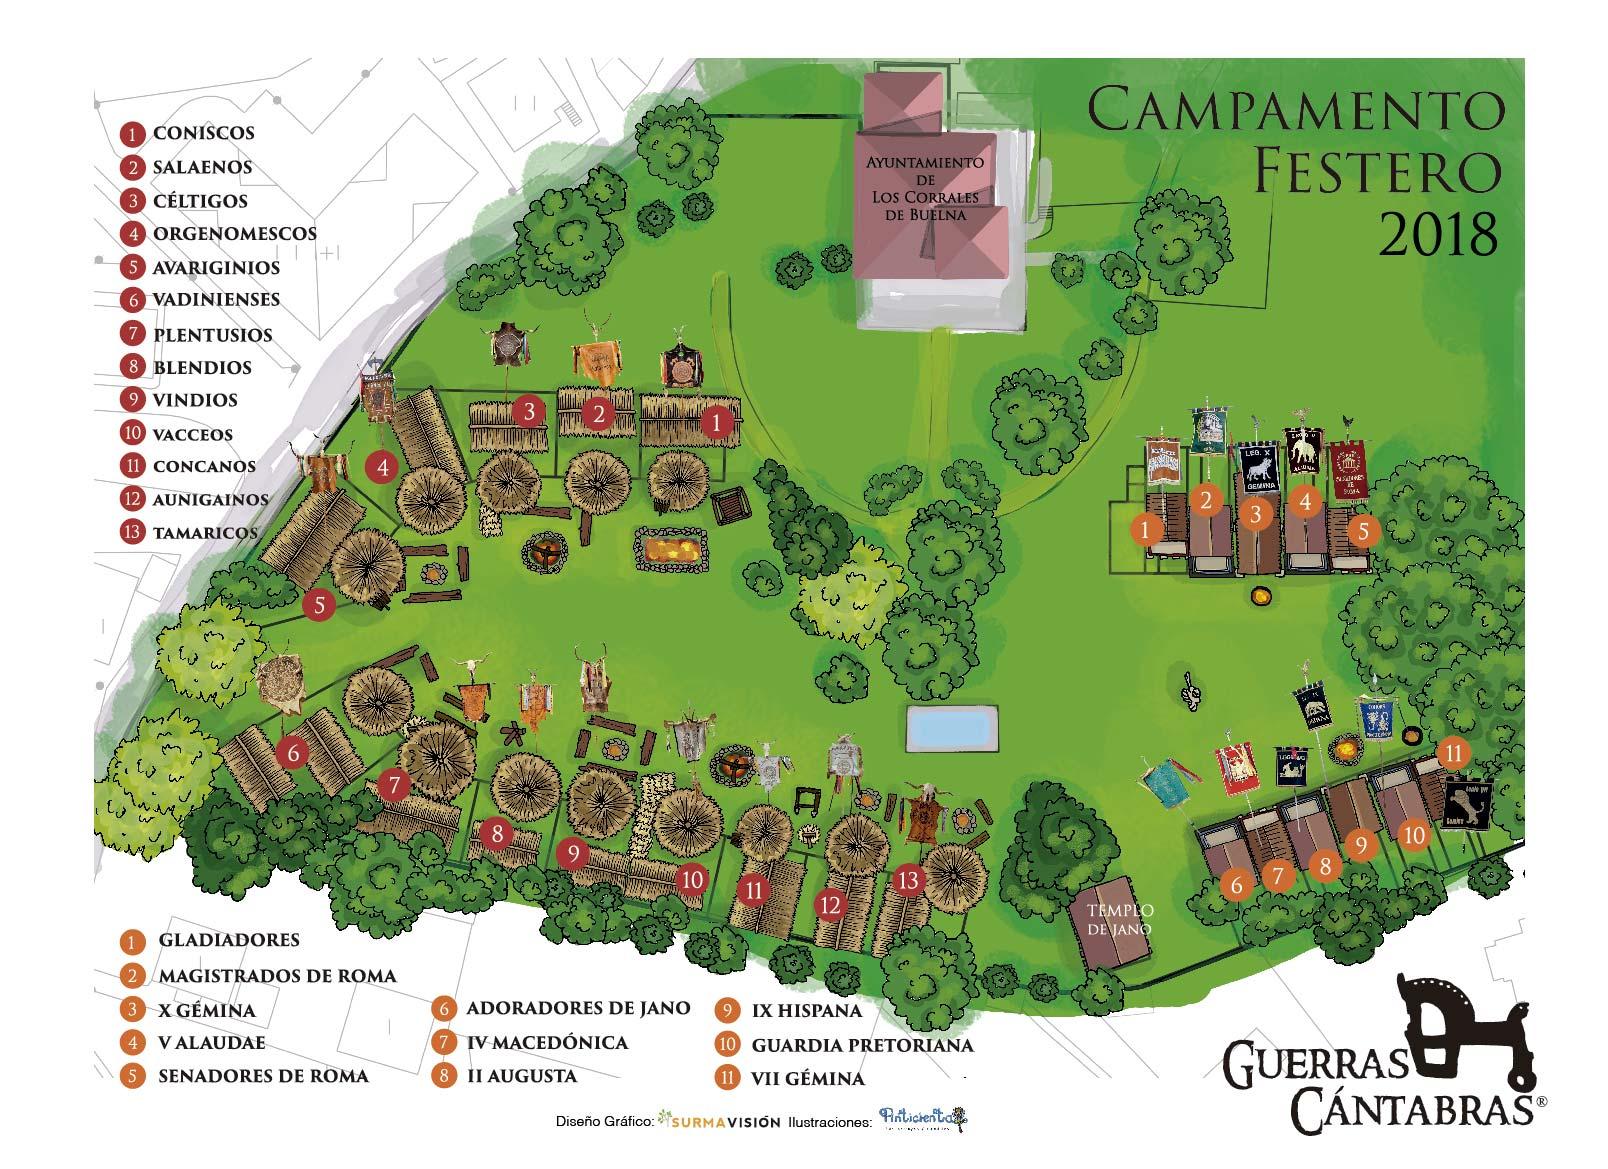 Campamento Festero 2018